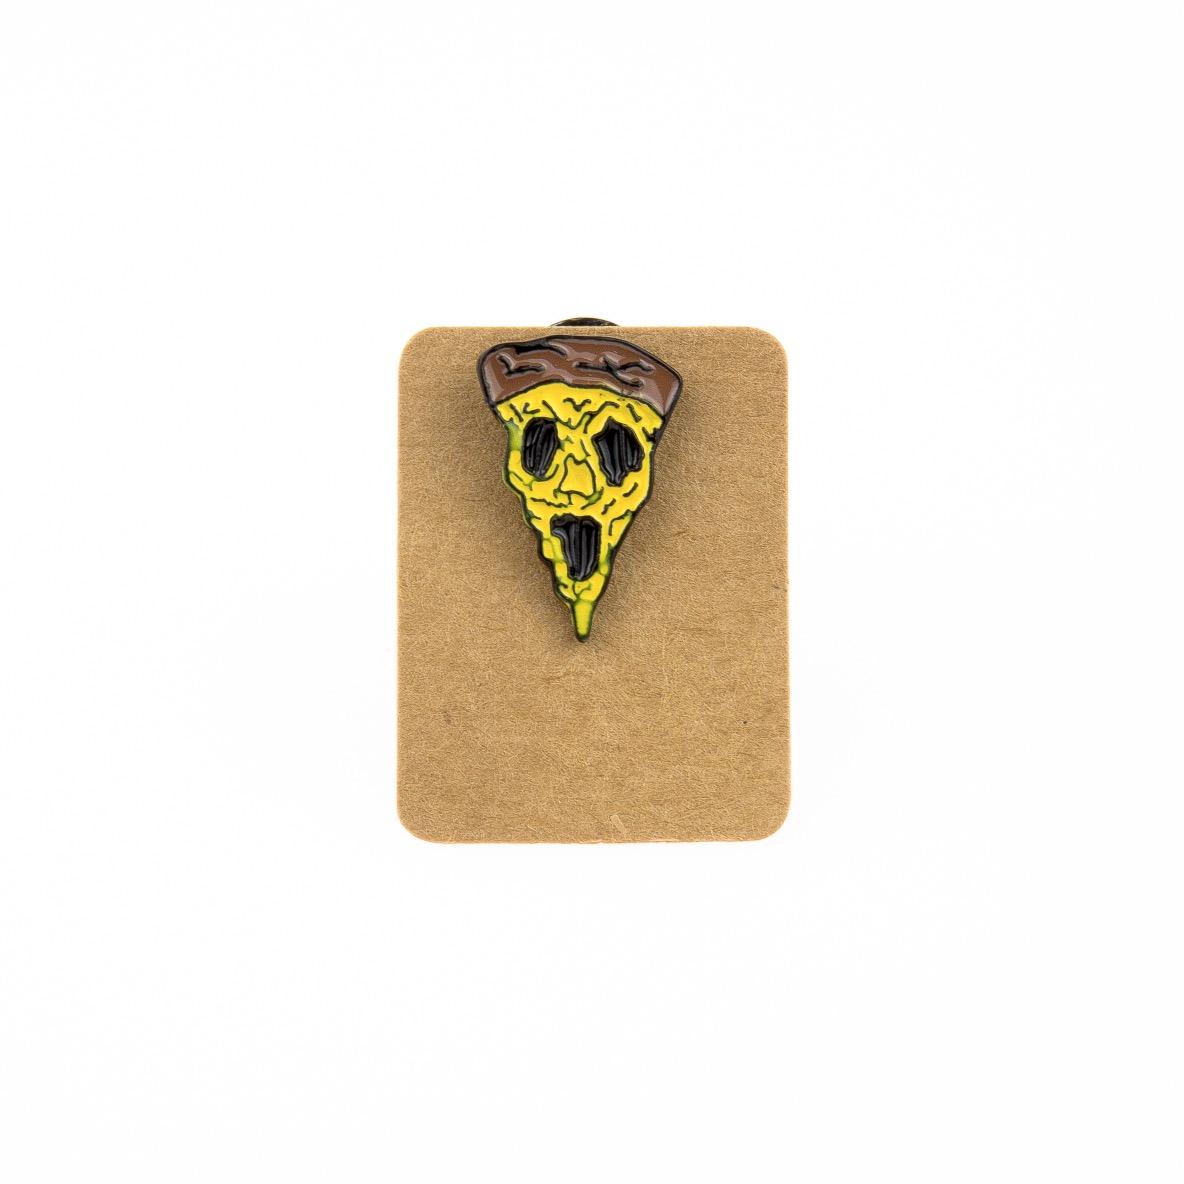 Metal Scare Pizza Slice Enamel Pin Badge